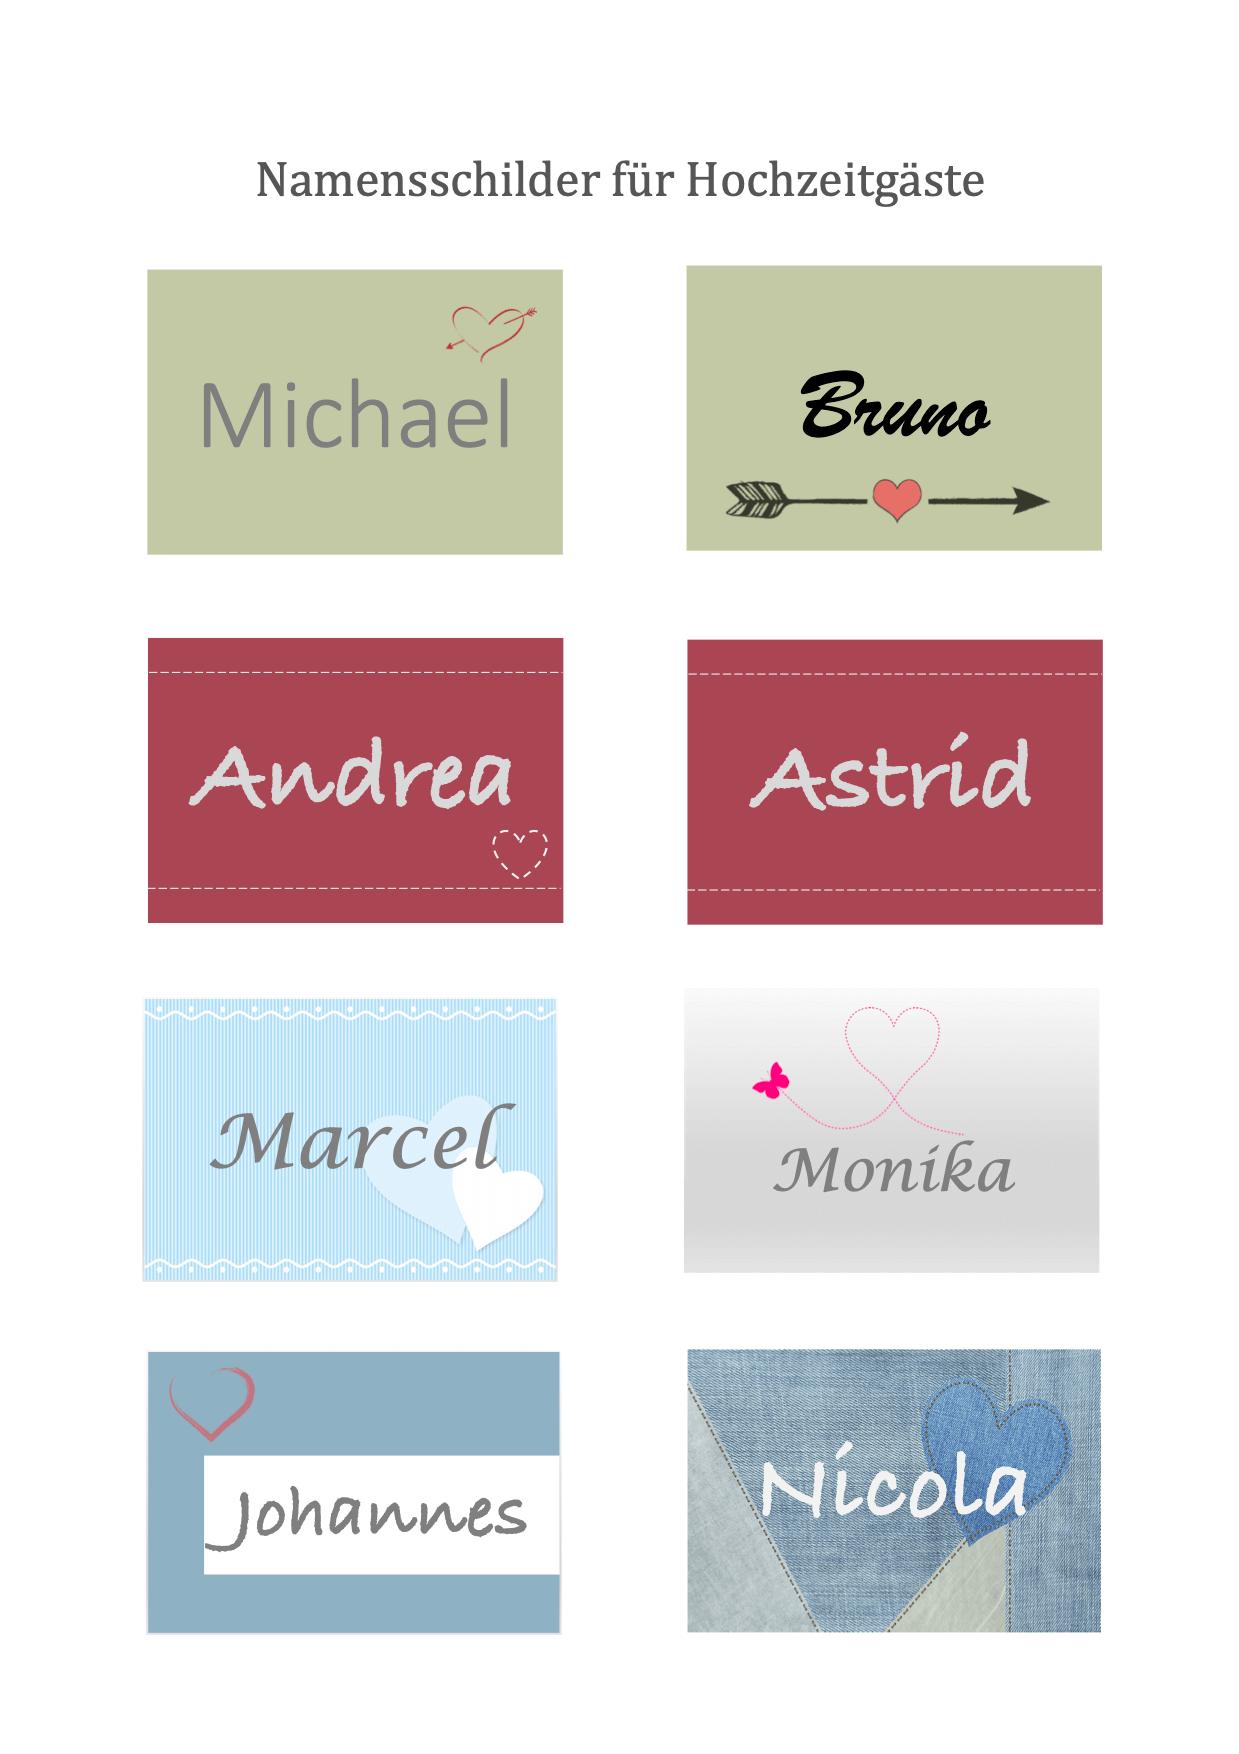 Namensschilder für Hochzeitsgäste zum Ausdrucken